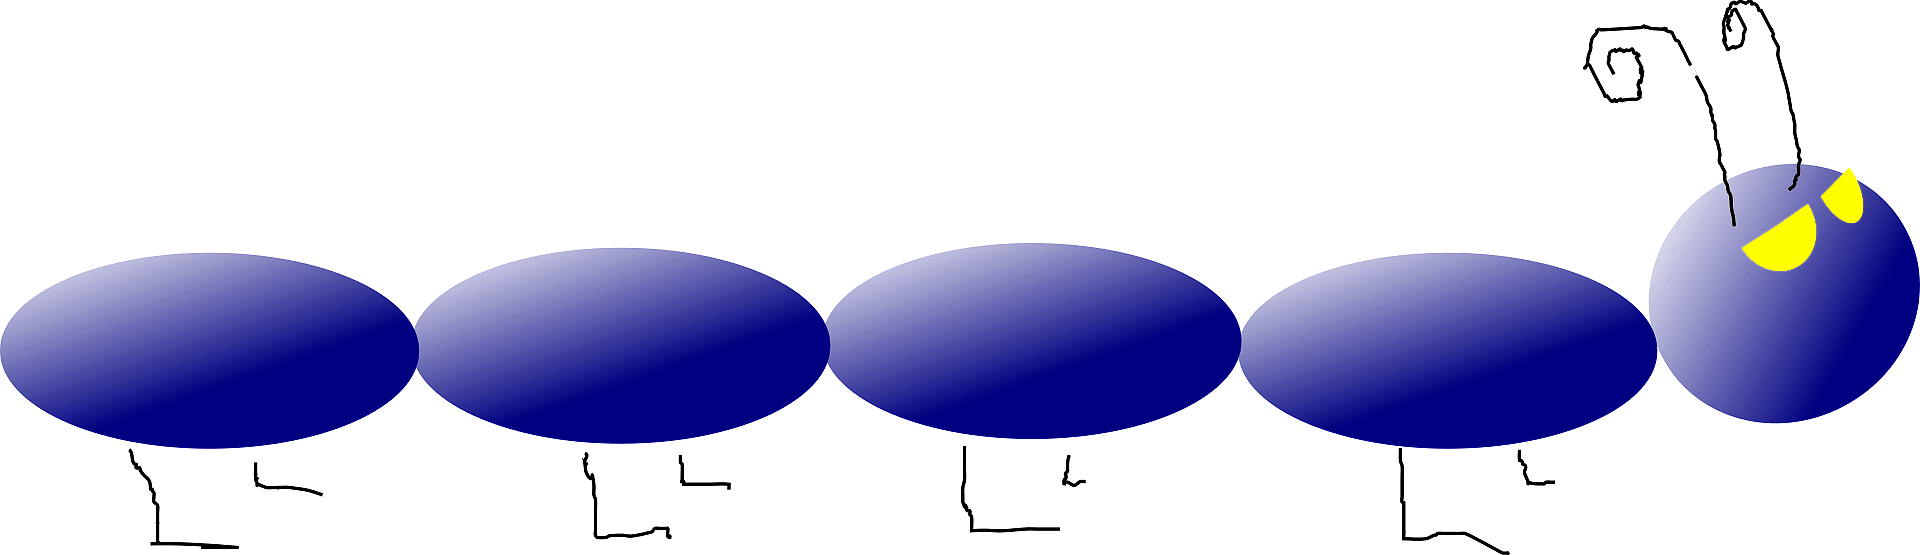 Caterpillar clipart transparent png